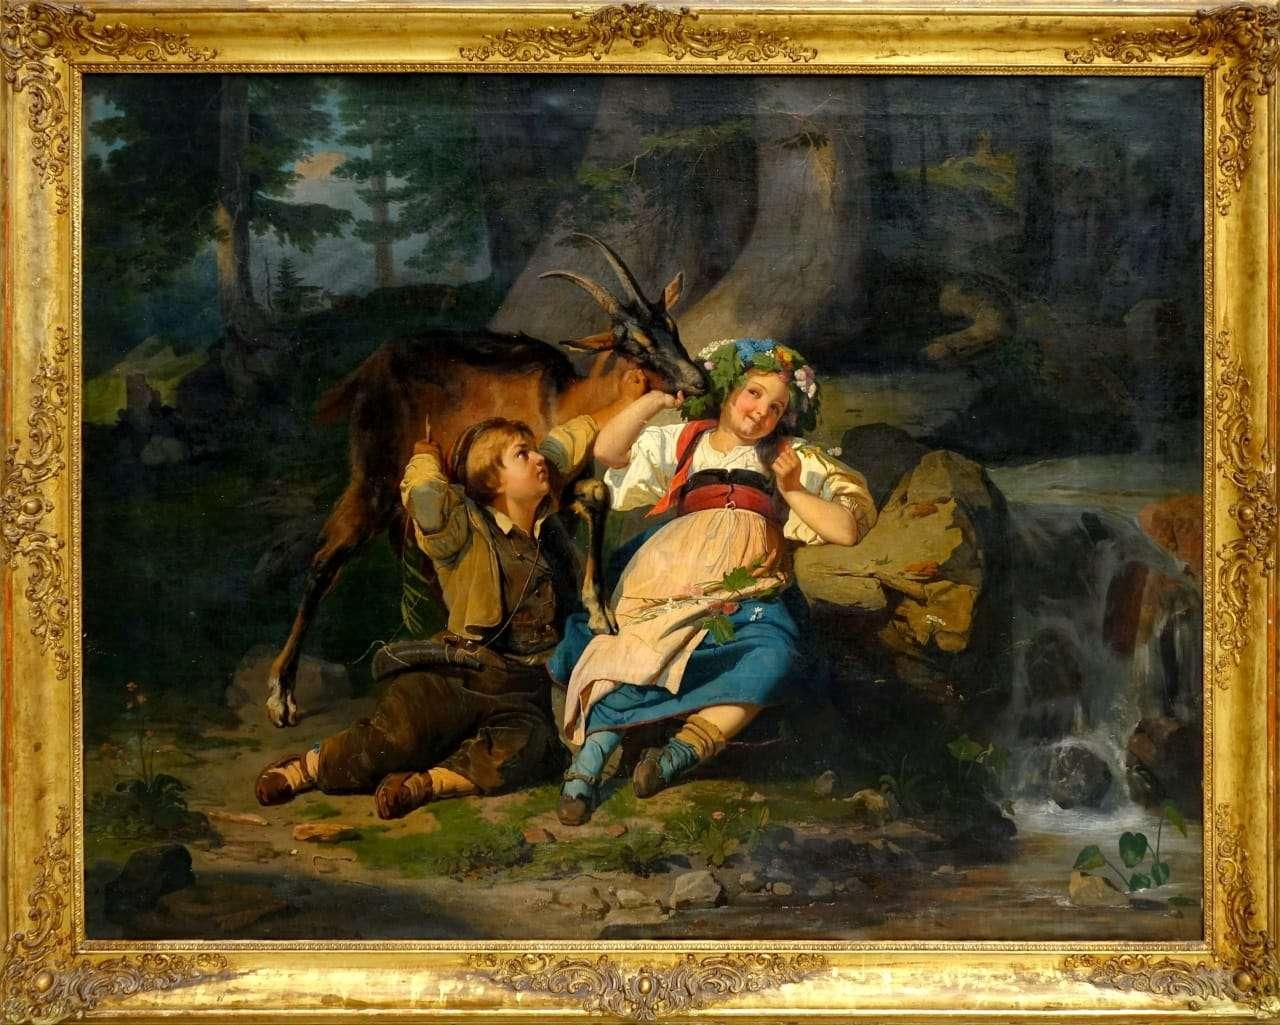 Dipinto olio su tela scena bucolica fanciulli paesaggio pastorelli montagna 1117002-17